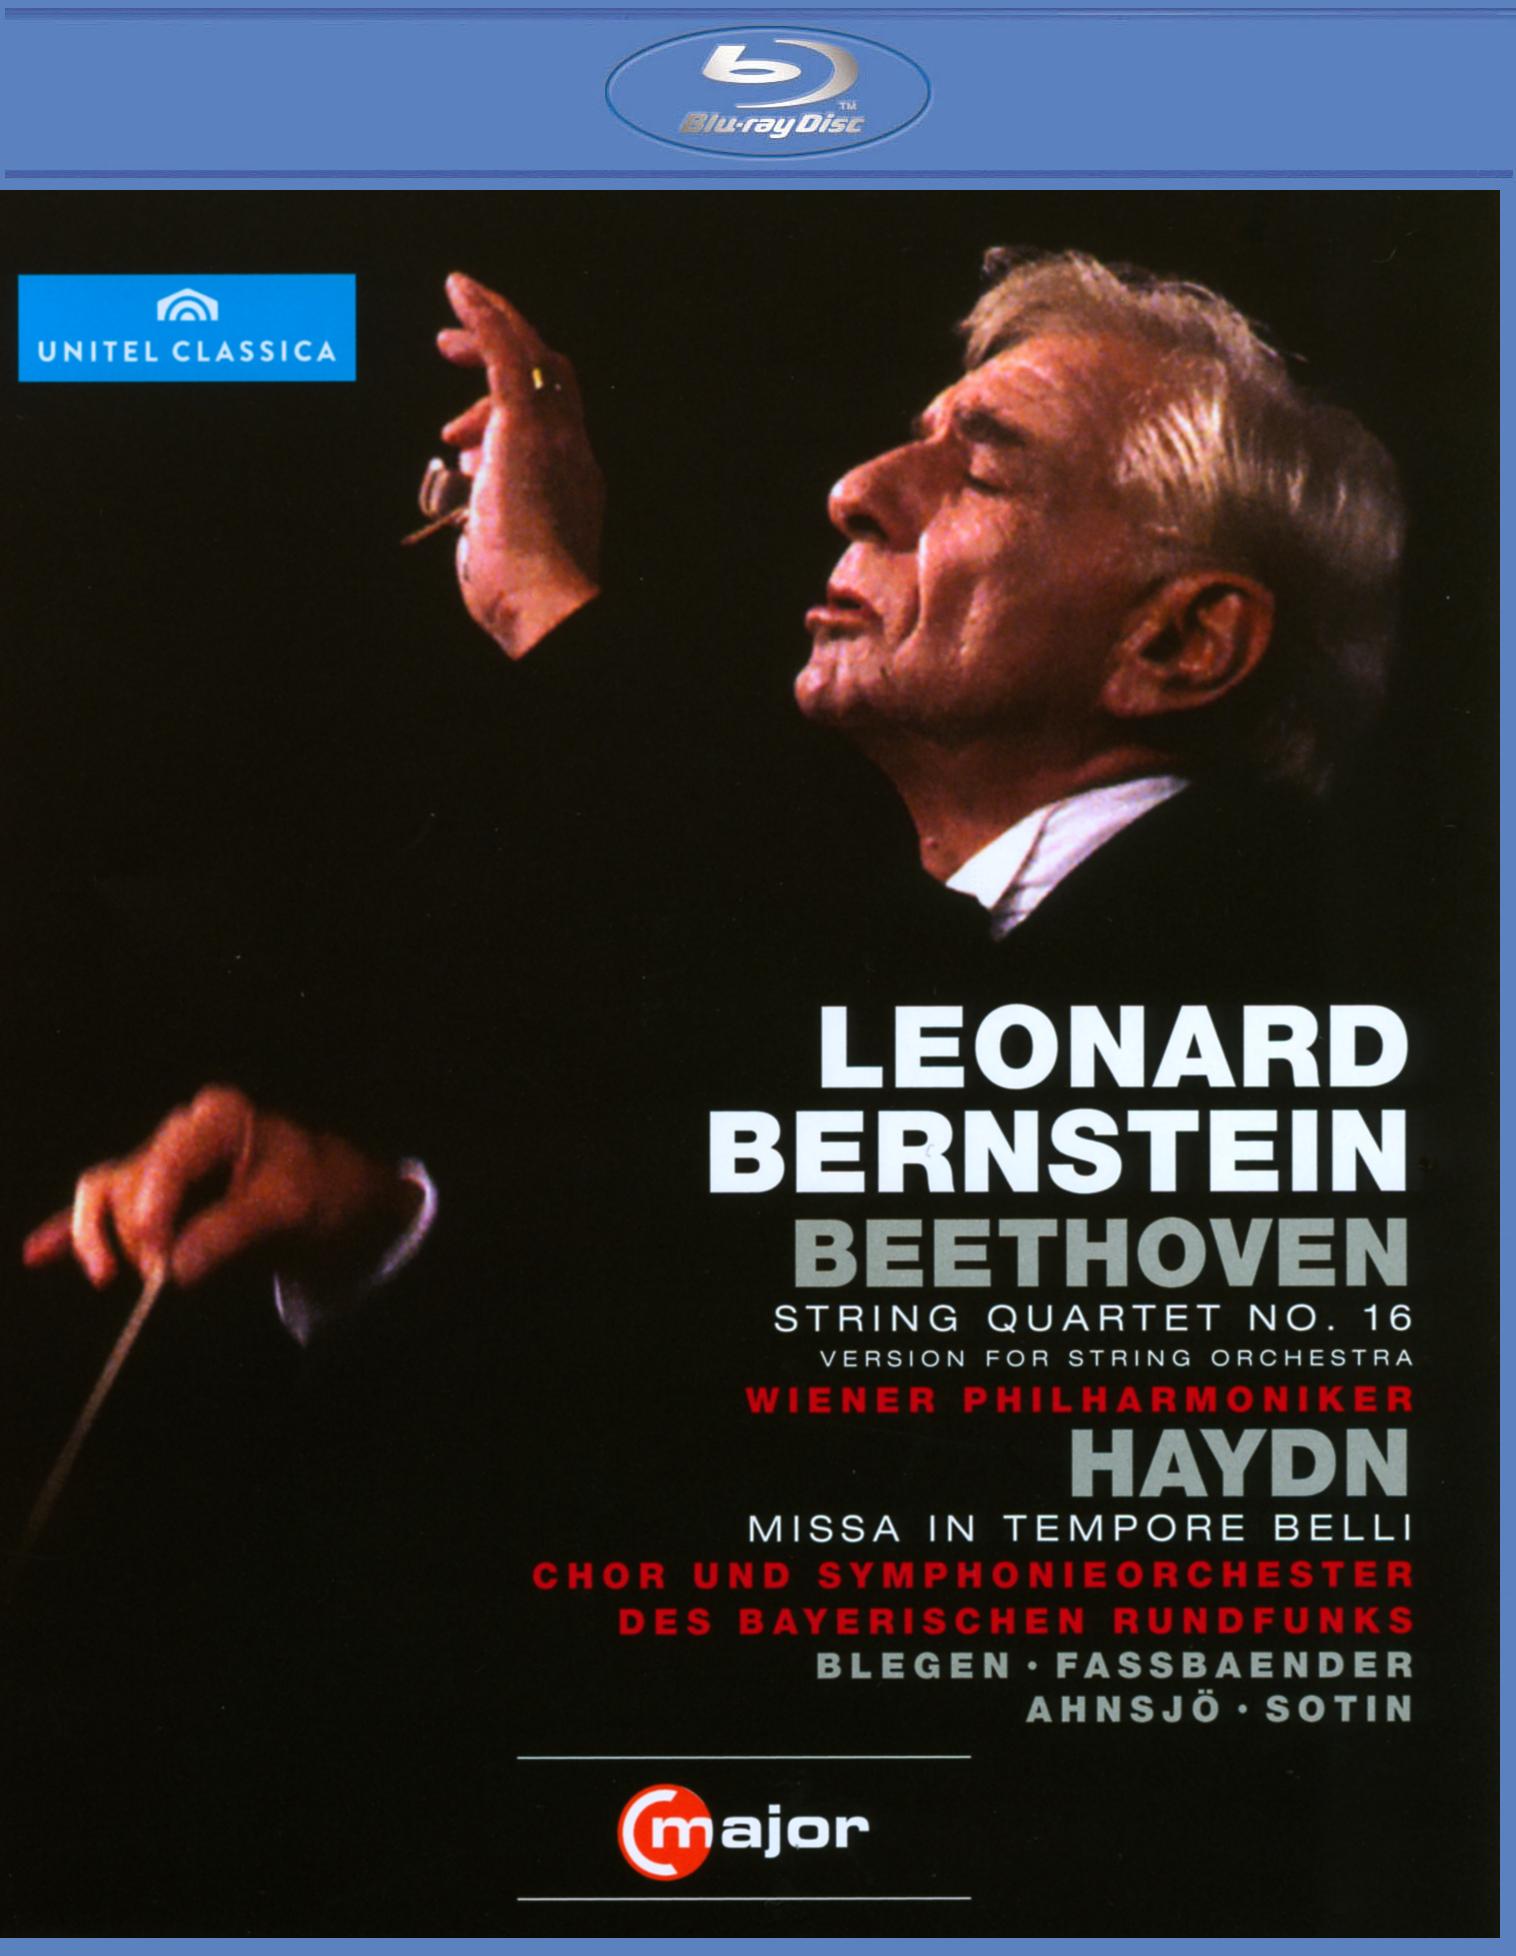 Leonard Bernstein: Beethoven - String Quartet No. 16/Haydn - Missa in Tempore Belli